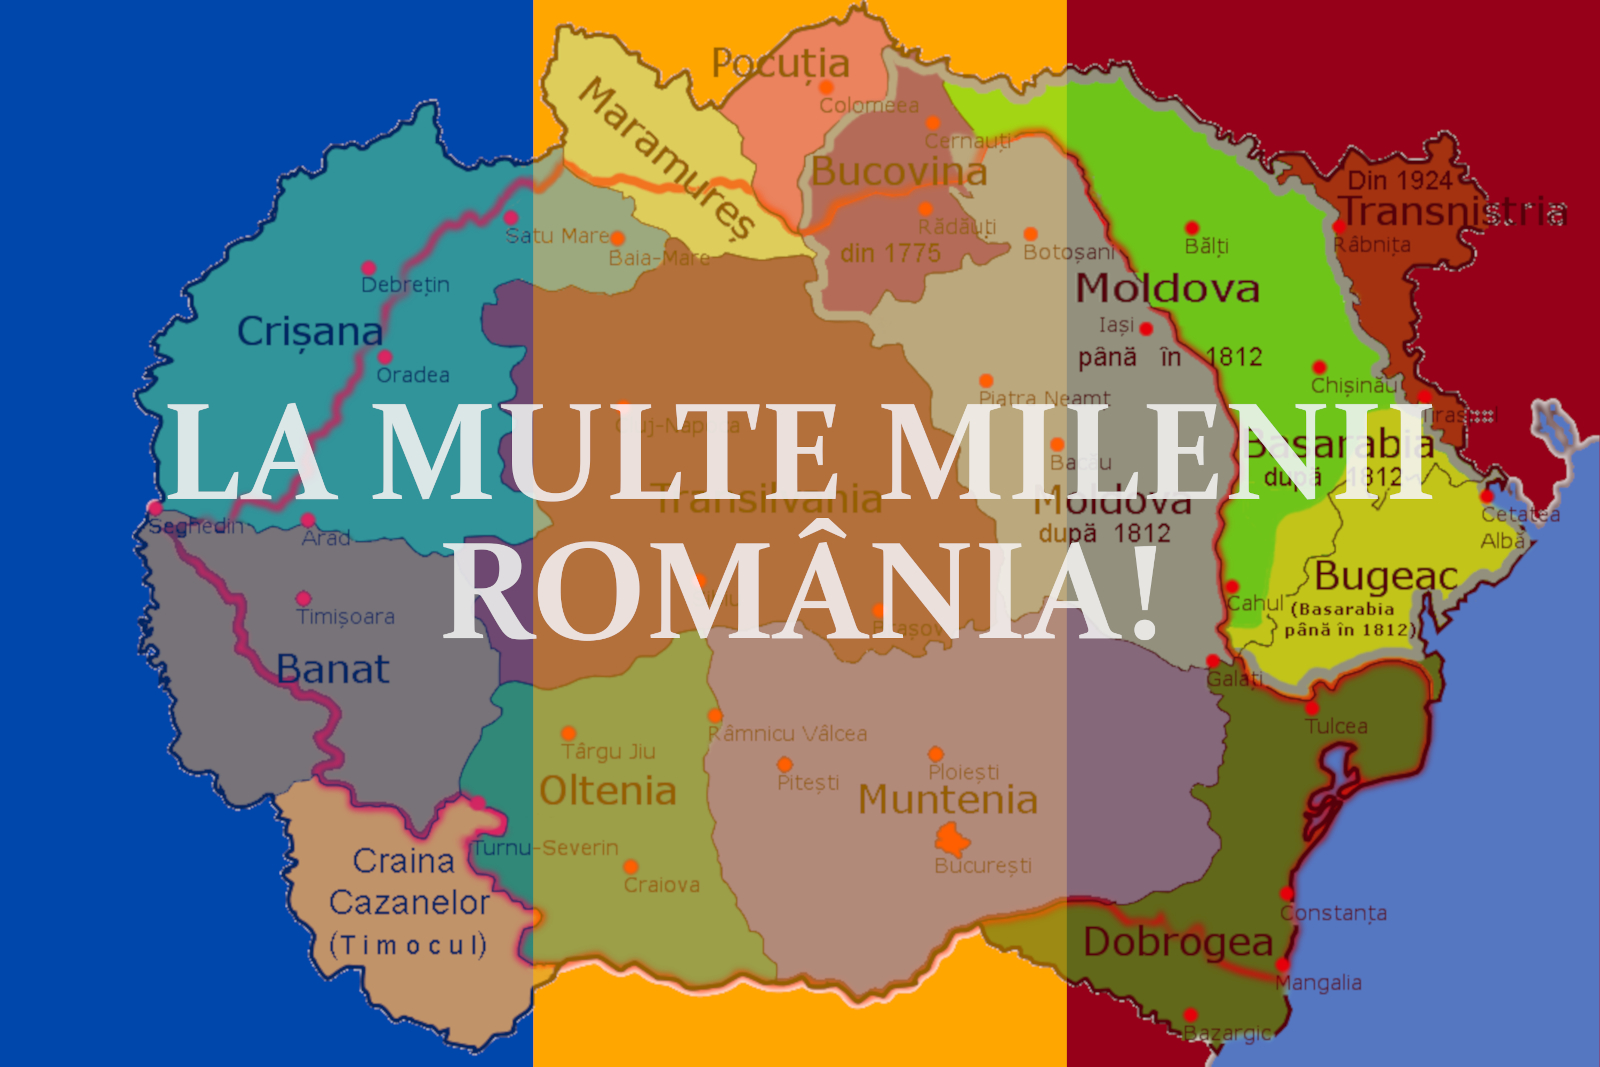 La multe milenii Românie dragă!